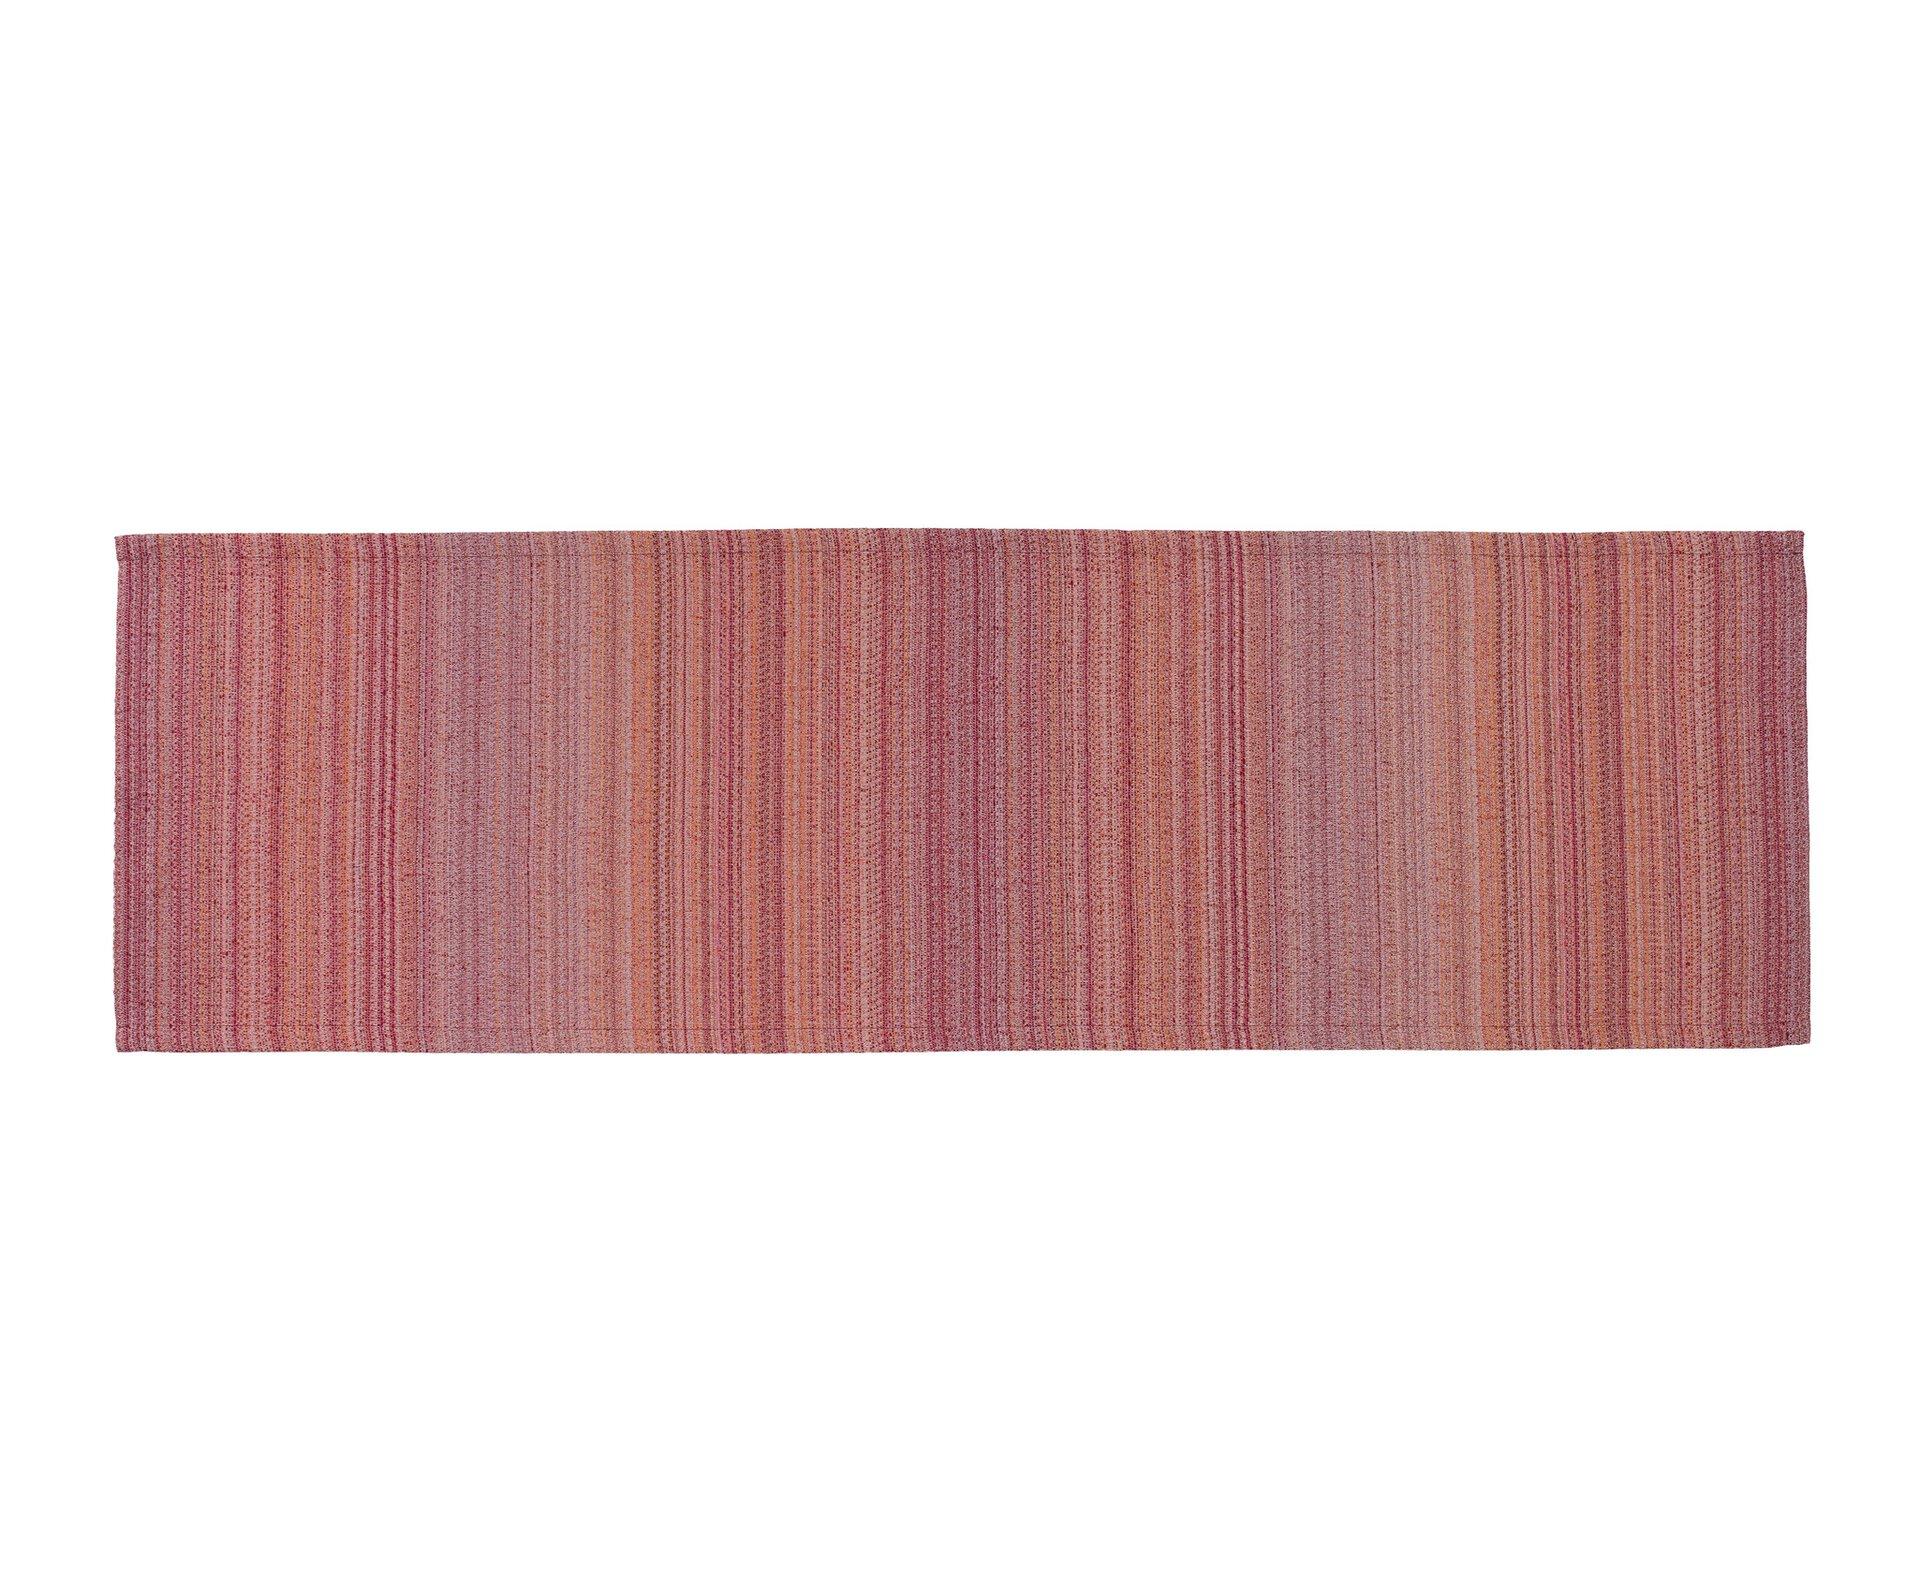 Tischläufer Viano Ambiente Trendlife Textil orange 40 x 140 cm